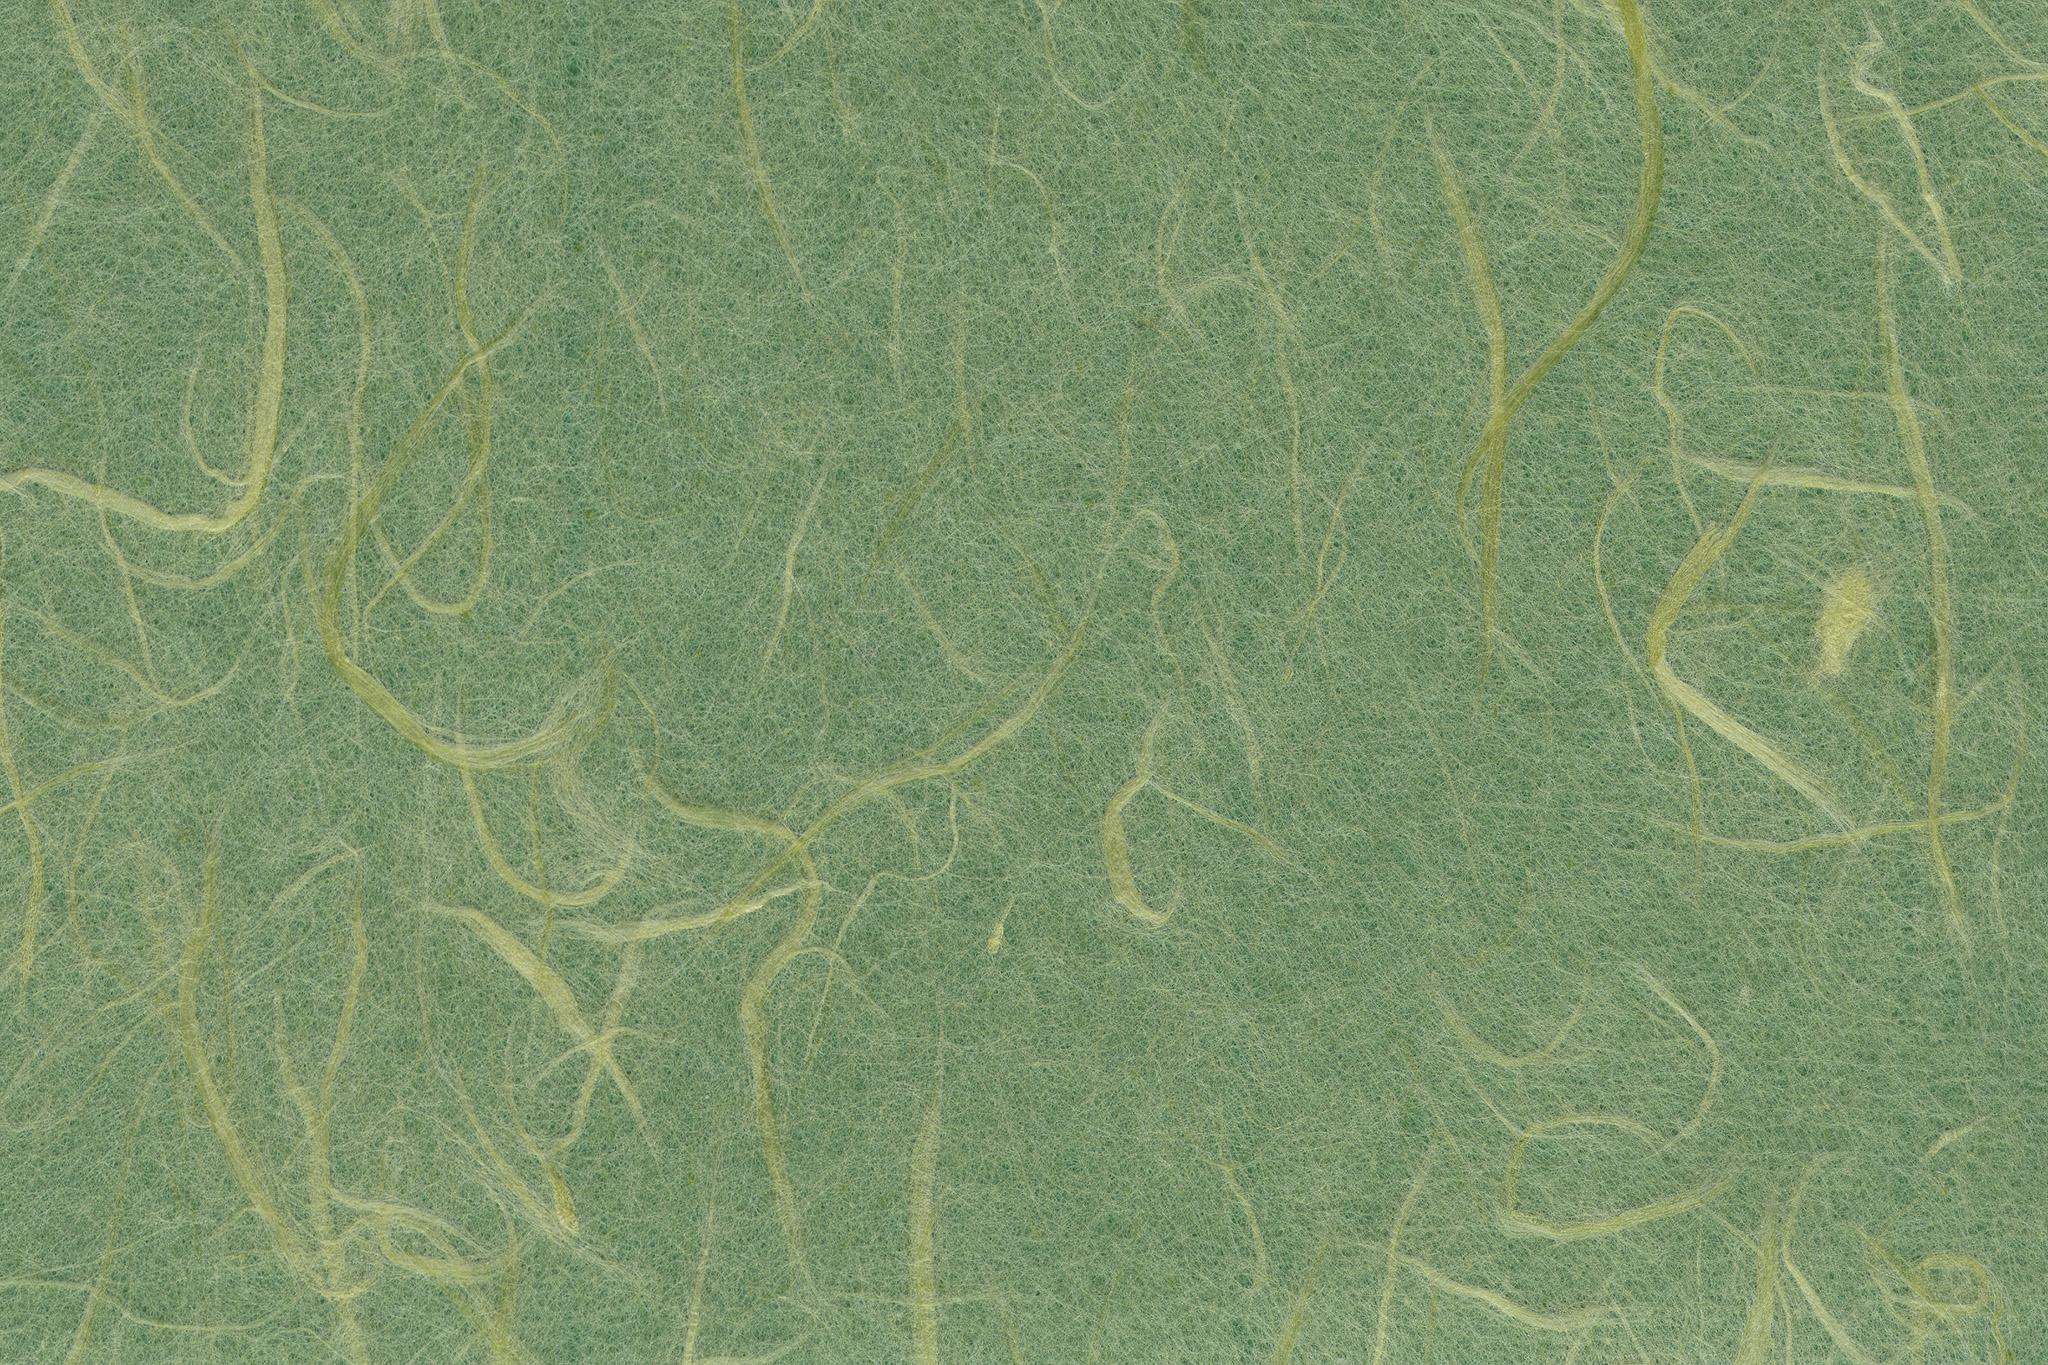 「風趣に富んだ虫襖色の和紙」の素材を無料ダウンロード